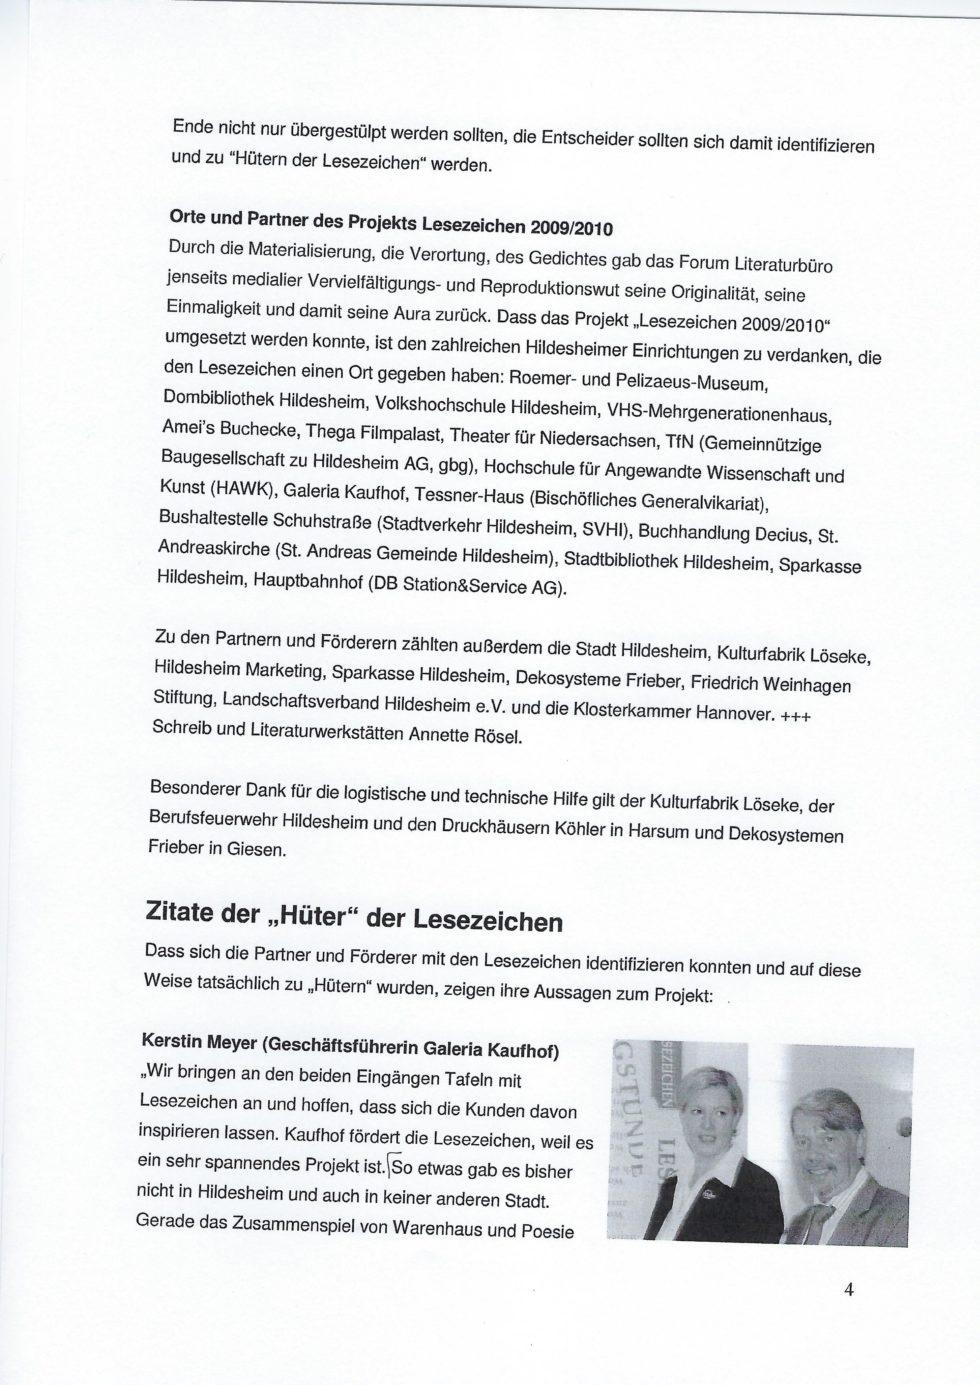 2009 Erstes LeseZeichen-Projekt u.v.m._Seite_41